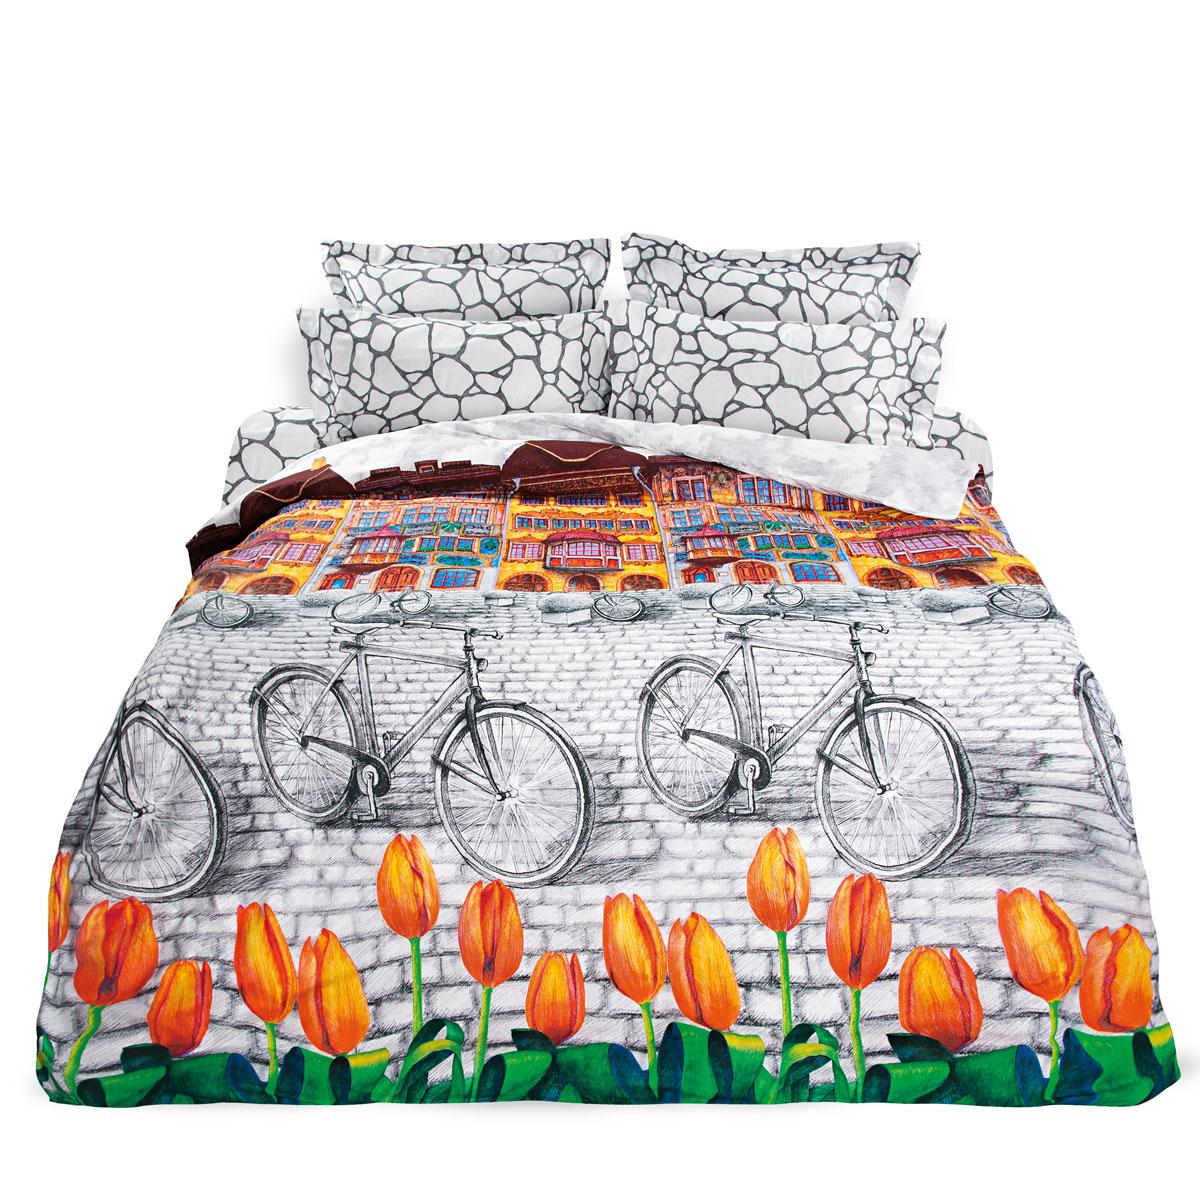 Комплект белья Унисон Голландский уголок, 1,5 спальное, наволочки 70 х 70, цвет: серо-белый. 2769136250ППостельное белье торговой марки «Унисон Биоматин» - это домашний текстиль премиум класса с эксклюзивными дизайнами в разнообразных стилистических решениях. Комплекты данной серии выполнены из ткани «биоматин» - это 100% хлопок высочайшего качества, мягкий, тонкий и легкий, но при этом прочный, долговечный и очень практичный, с повышенным показателем износостойкости, обладающий грязе- и пылеотталкивающими свойствами, долго сохраняющий чистоту и свежесть постельного белья, гипоаллергенный.